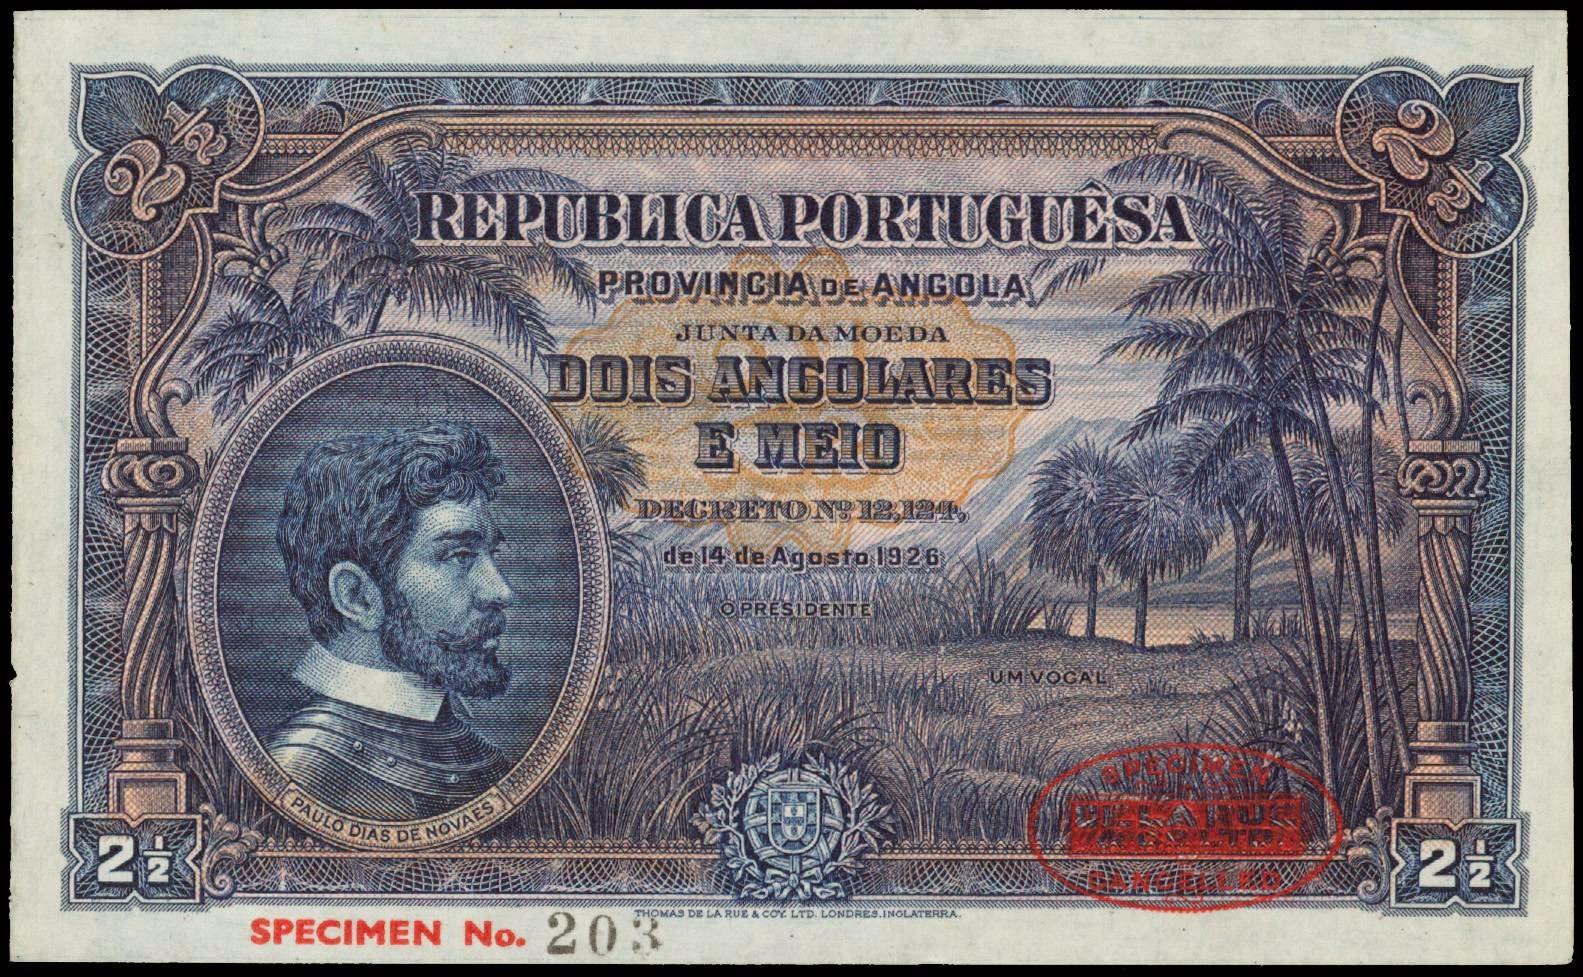 Angola 2 1 2 Angolares Banknote 1926 World Banknotes